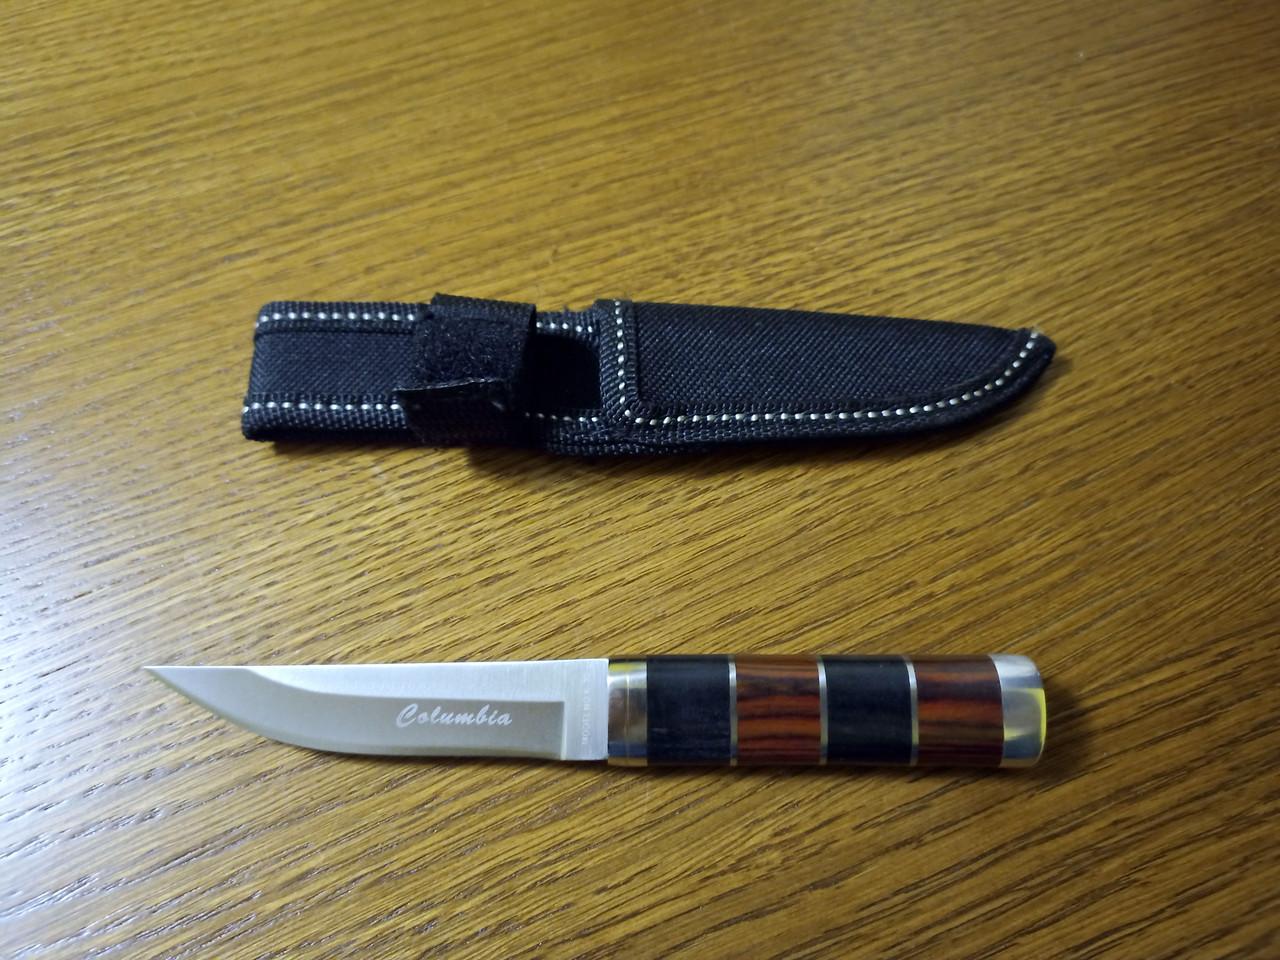 Нож Columbia K-30 с чехлом